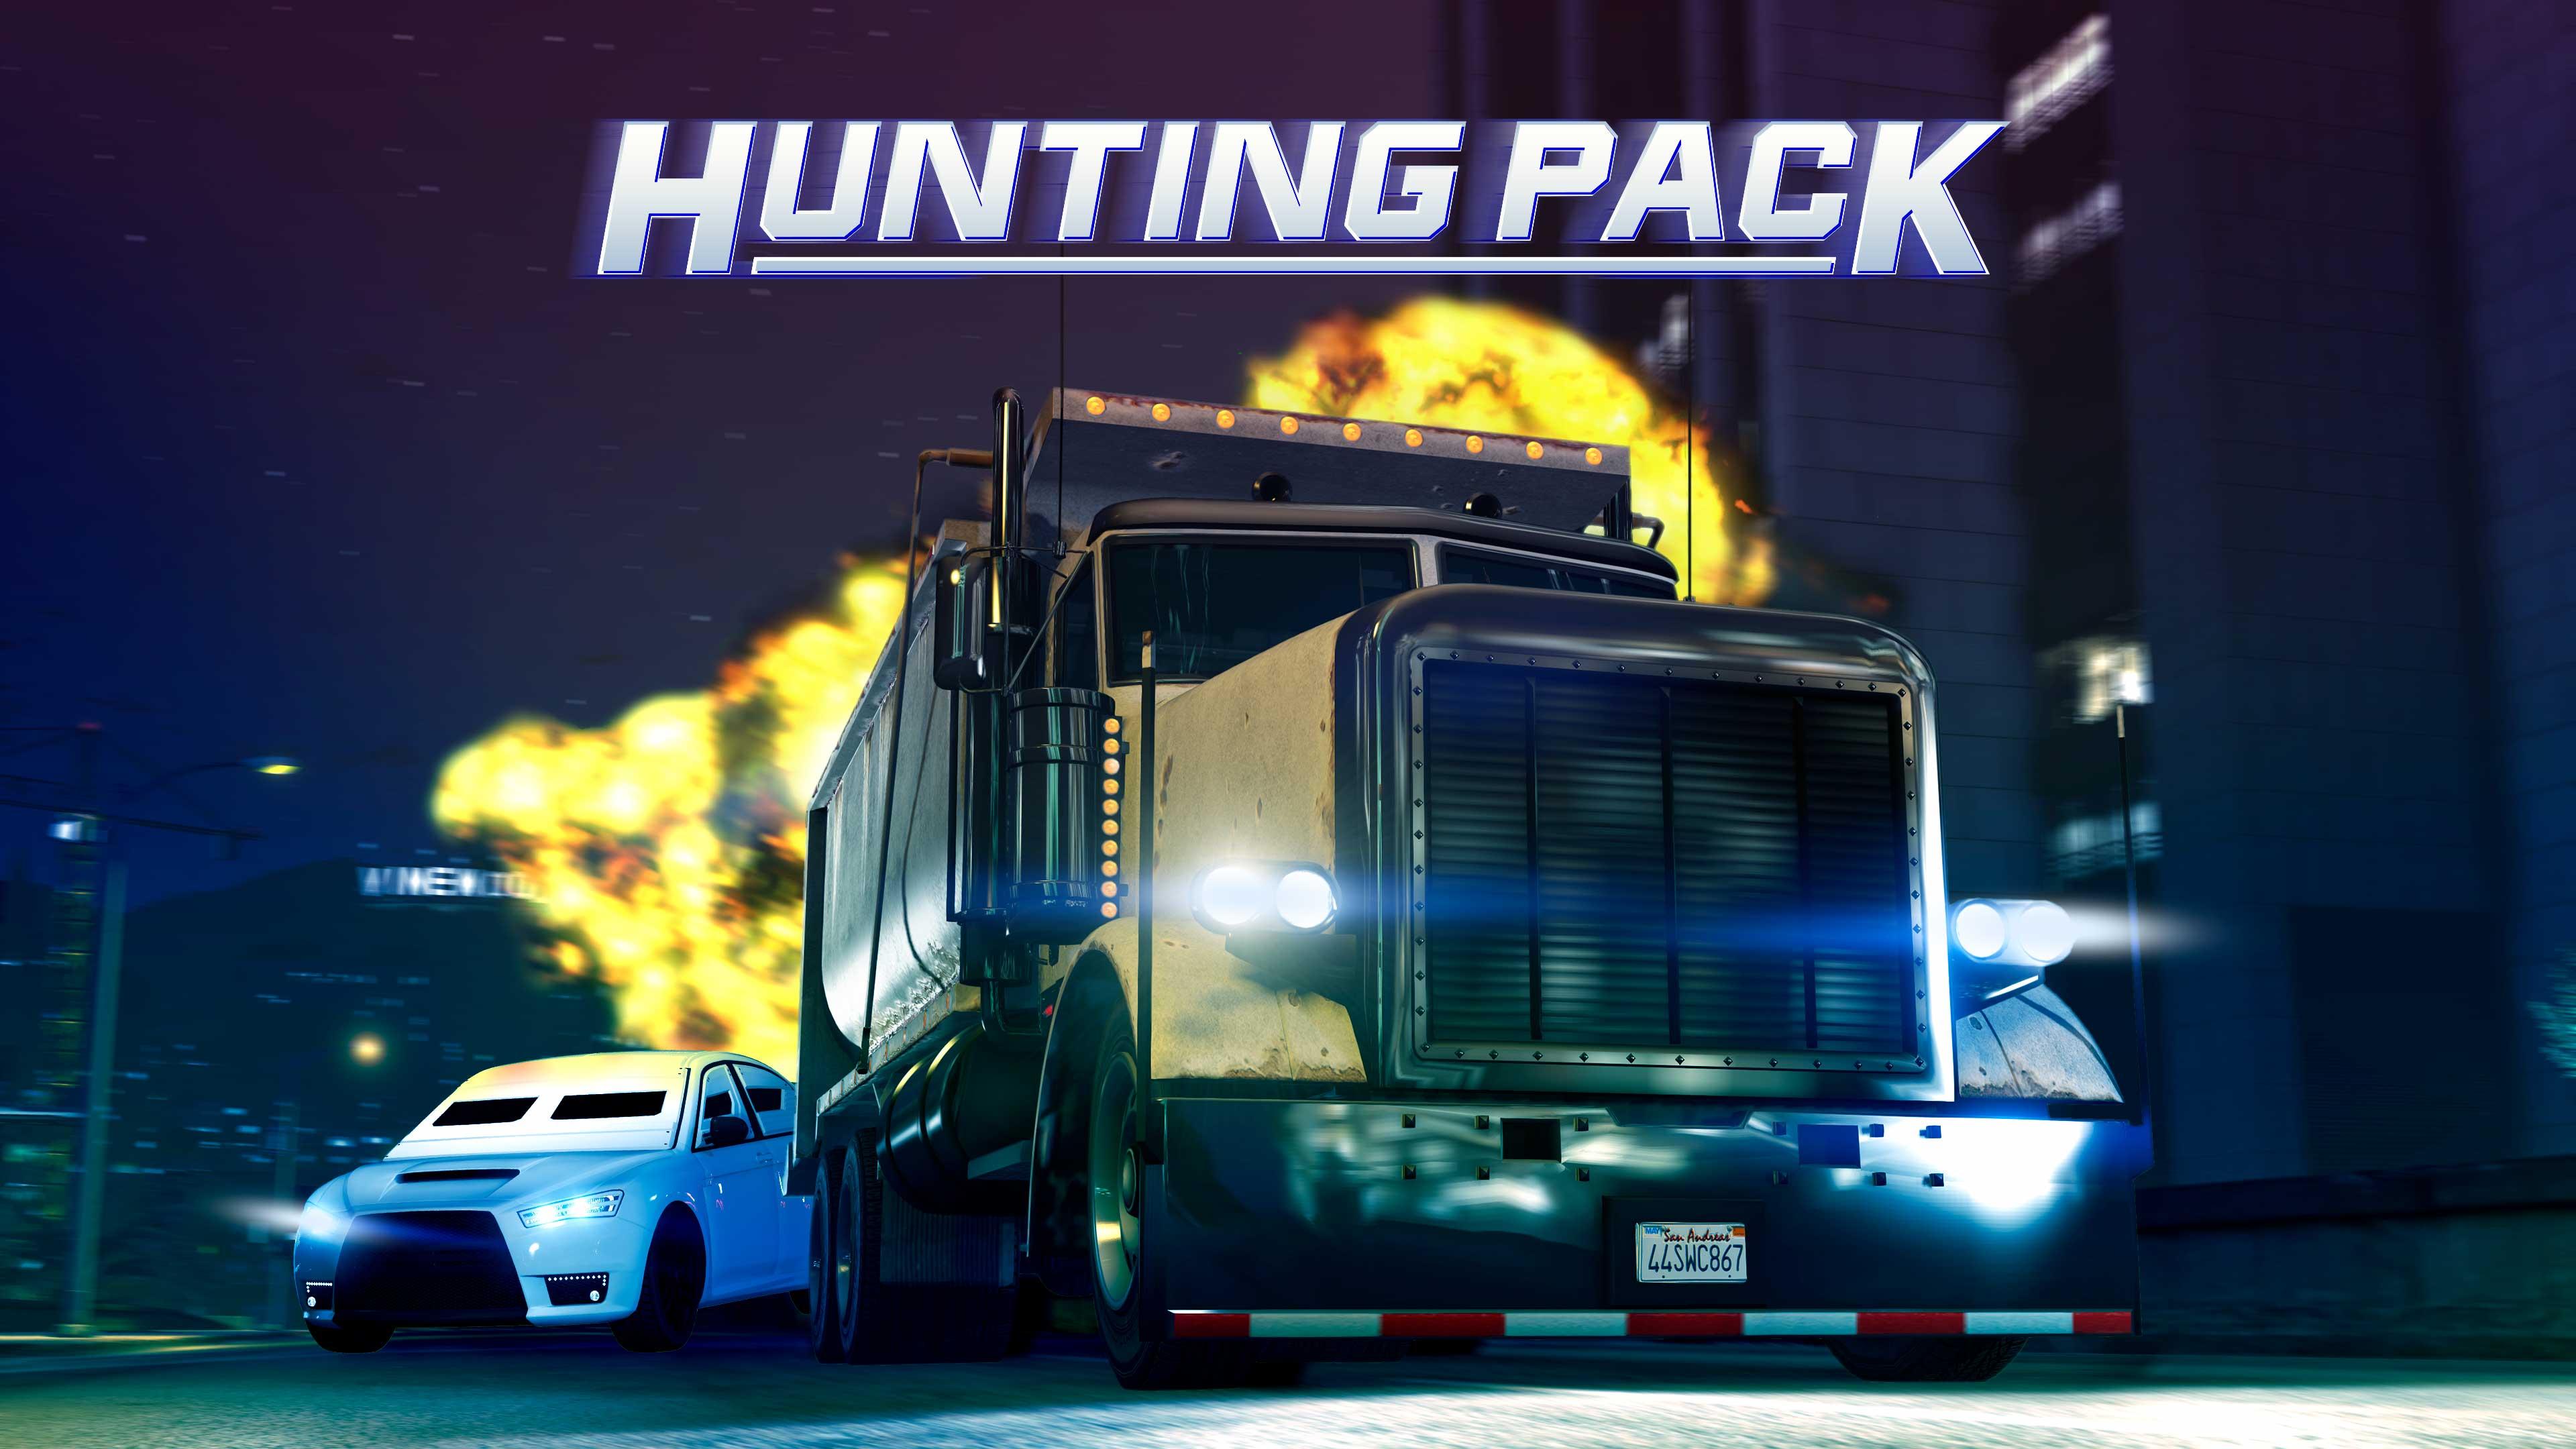 huntingpack.jpg